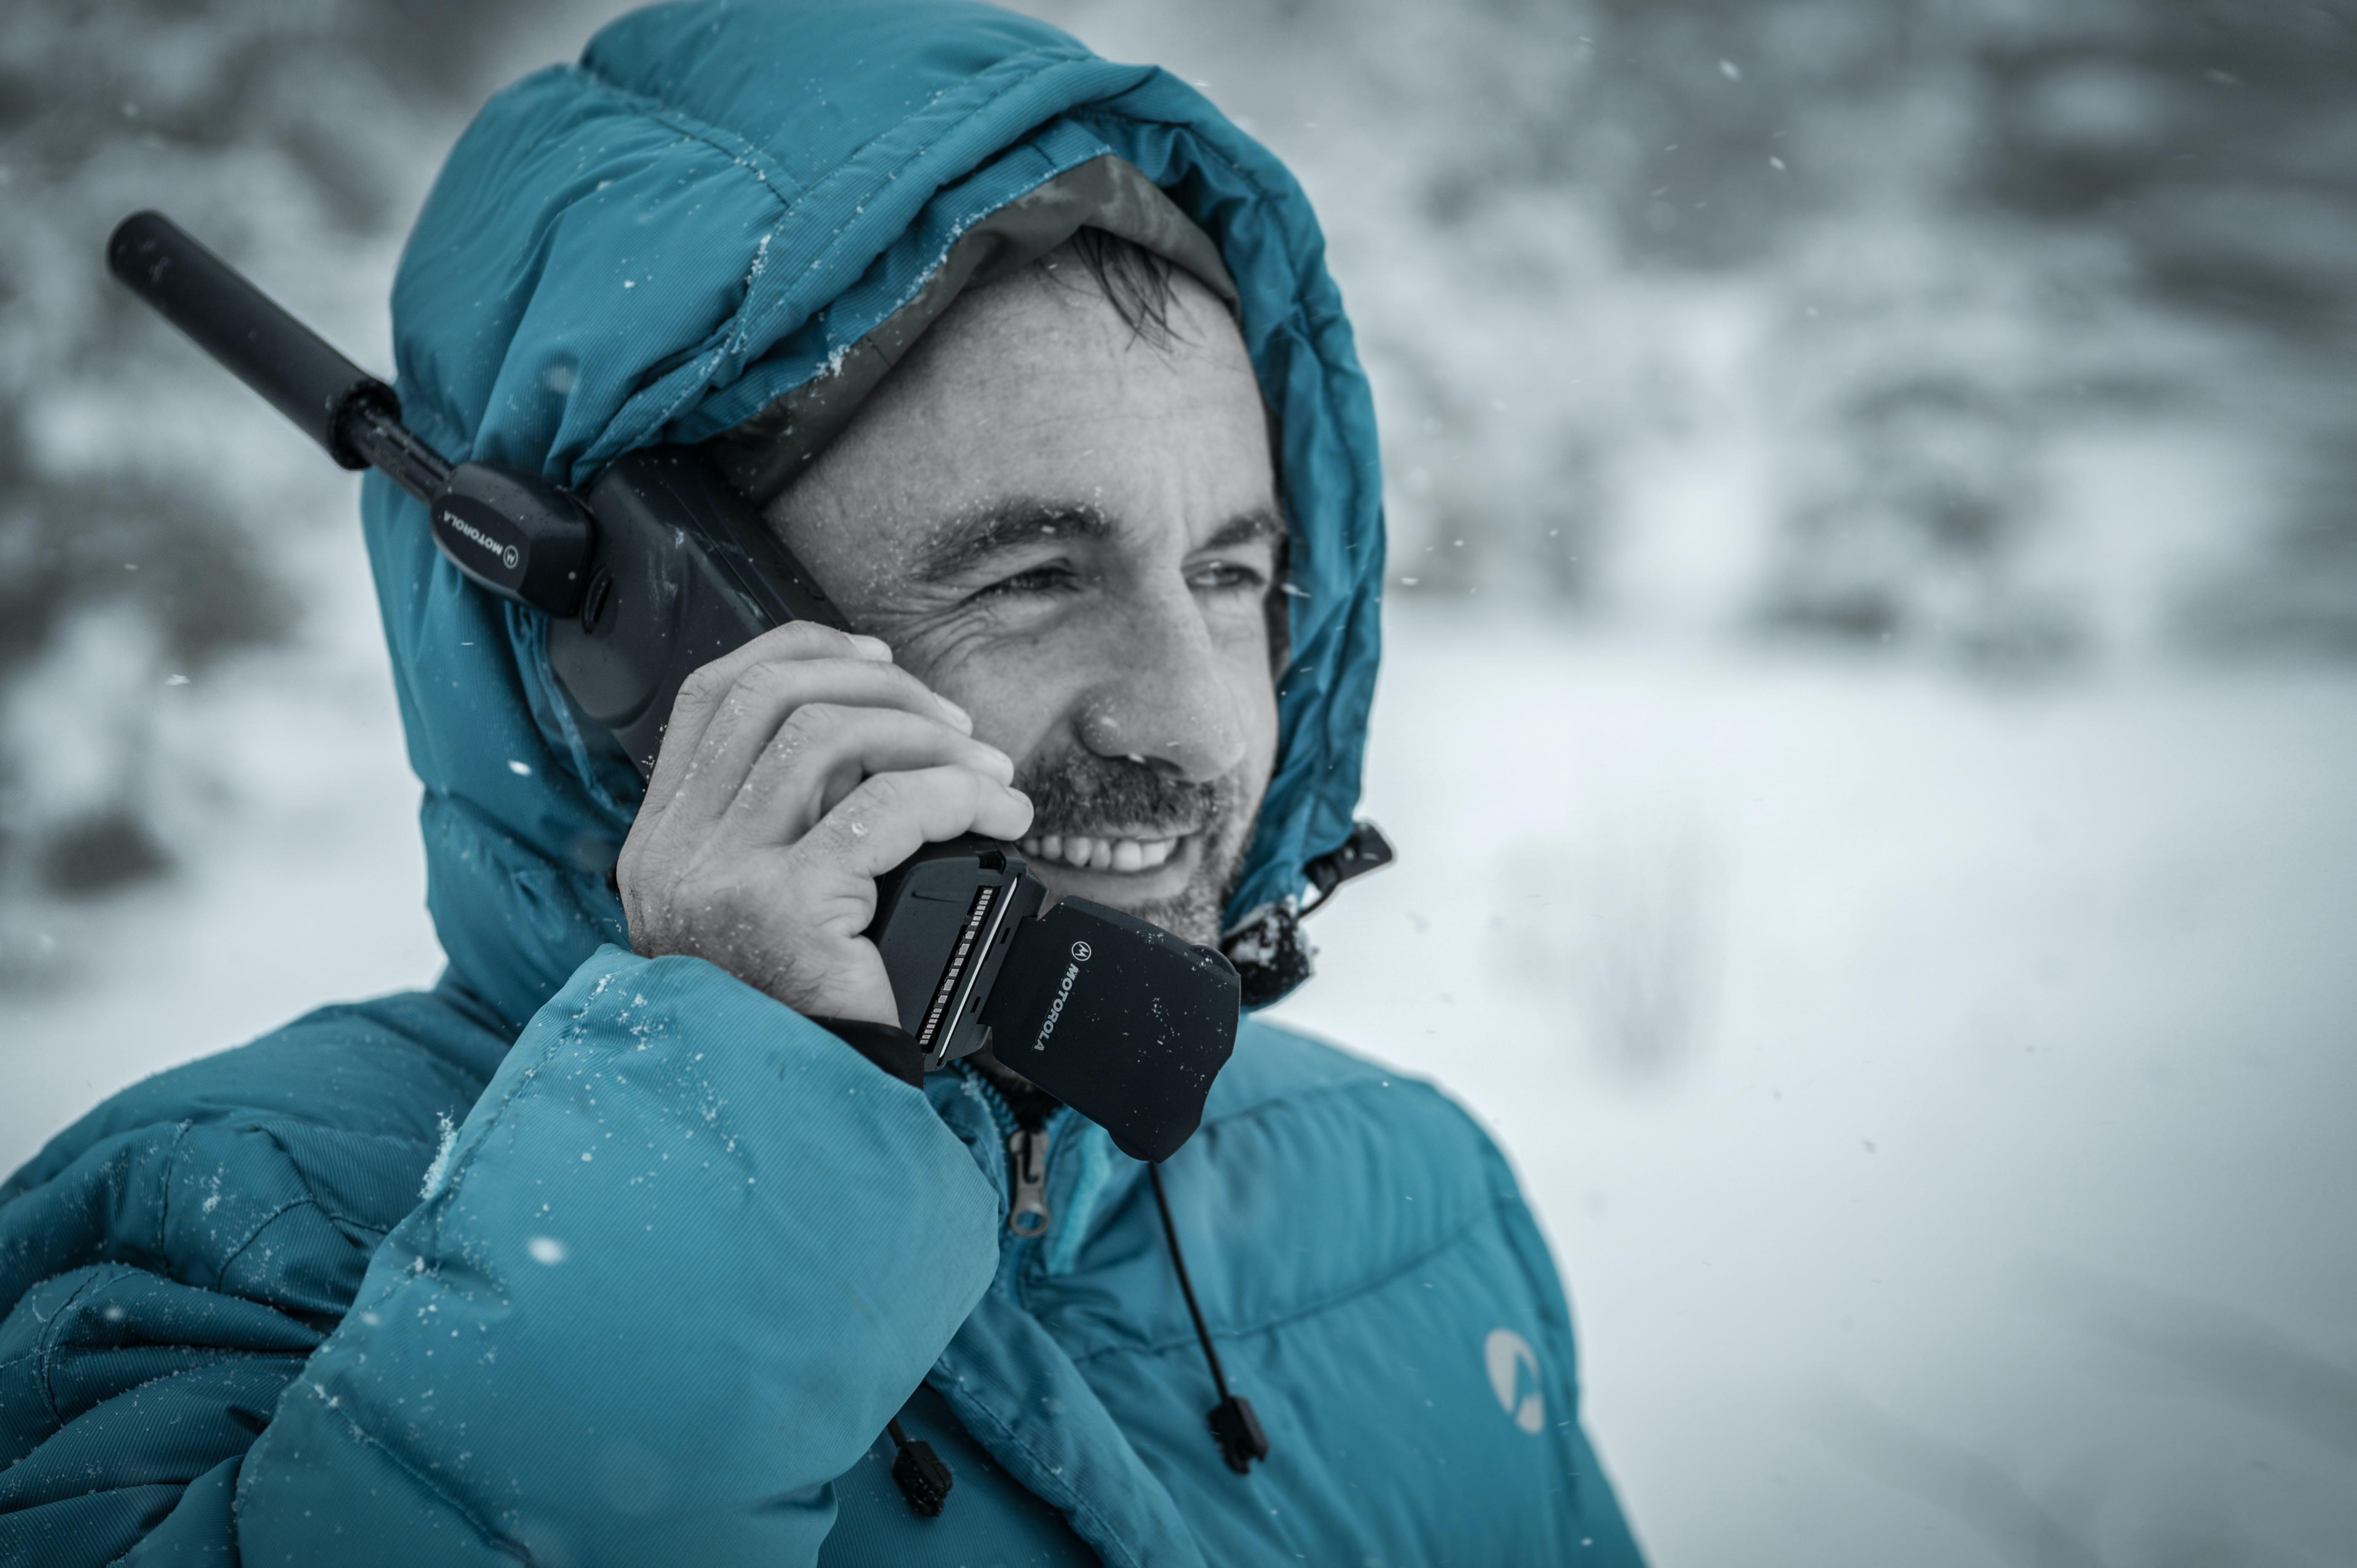 Kostenloses Stock Foto zu kalt, schnee, person, winter